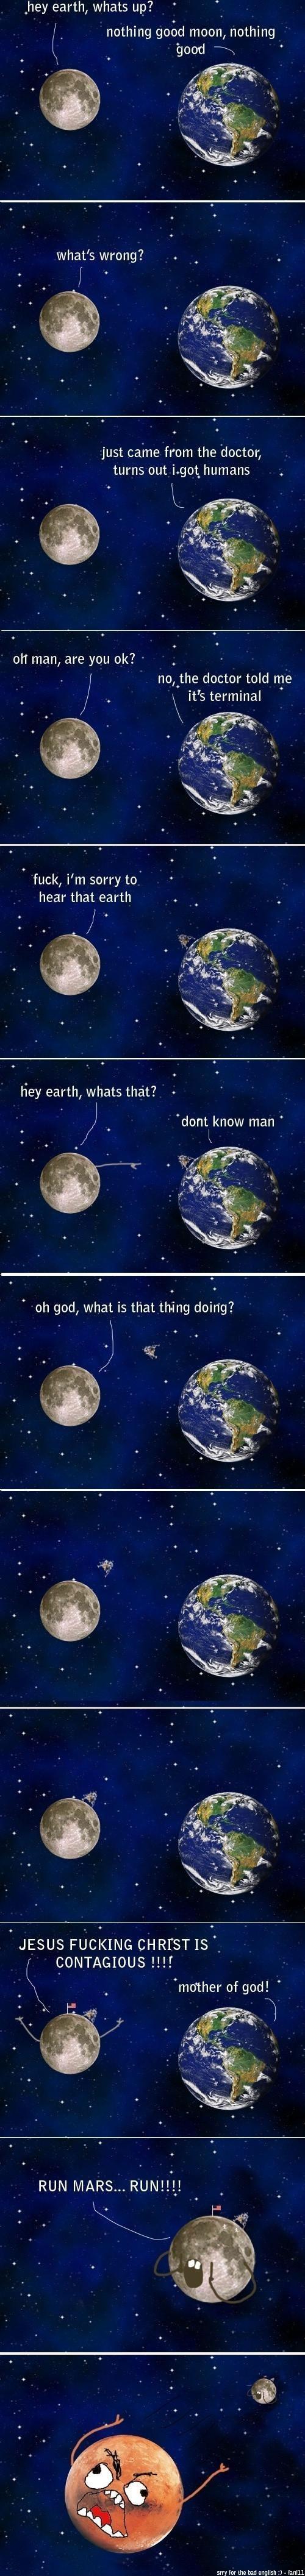 Hahahaha omg poor moon